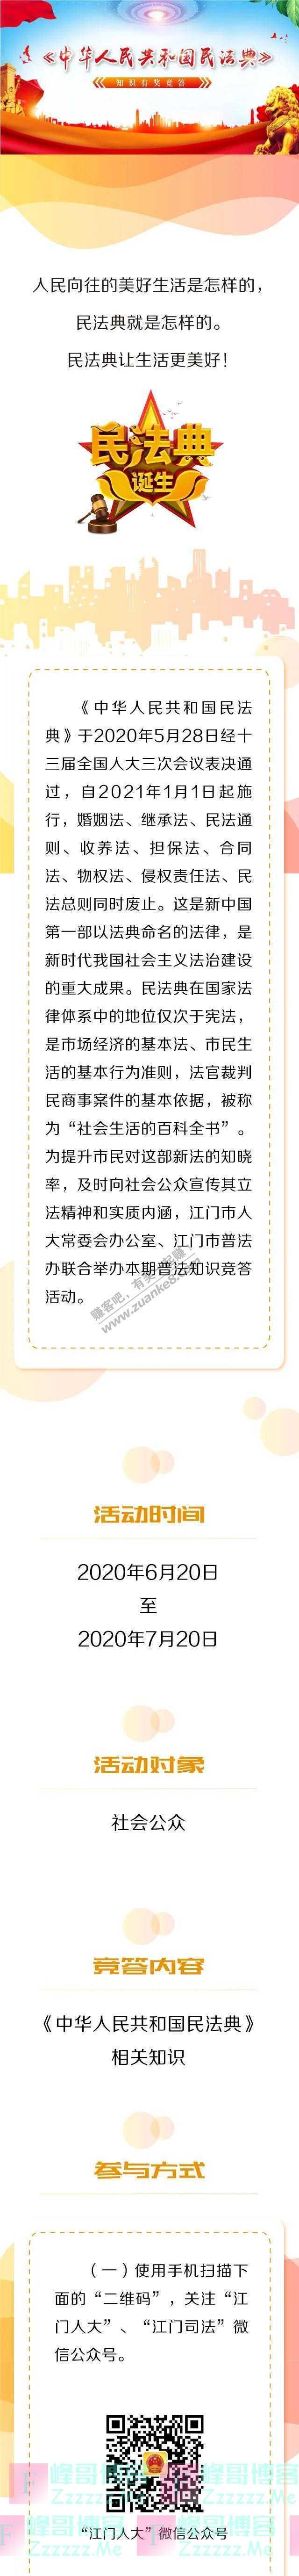 江门司法《民法典》有奖竞答活动来啦(截止7月20日)